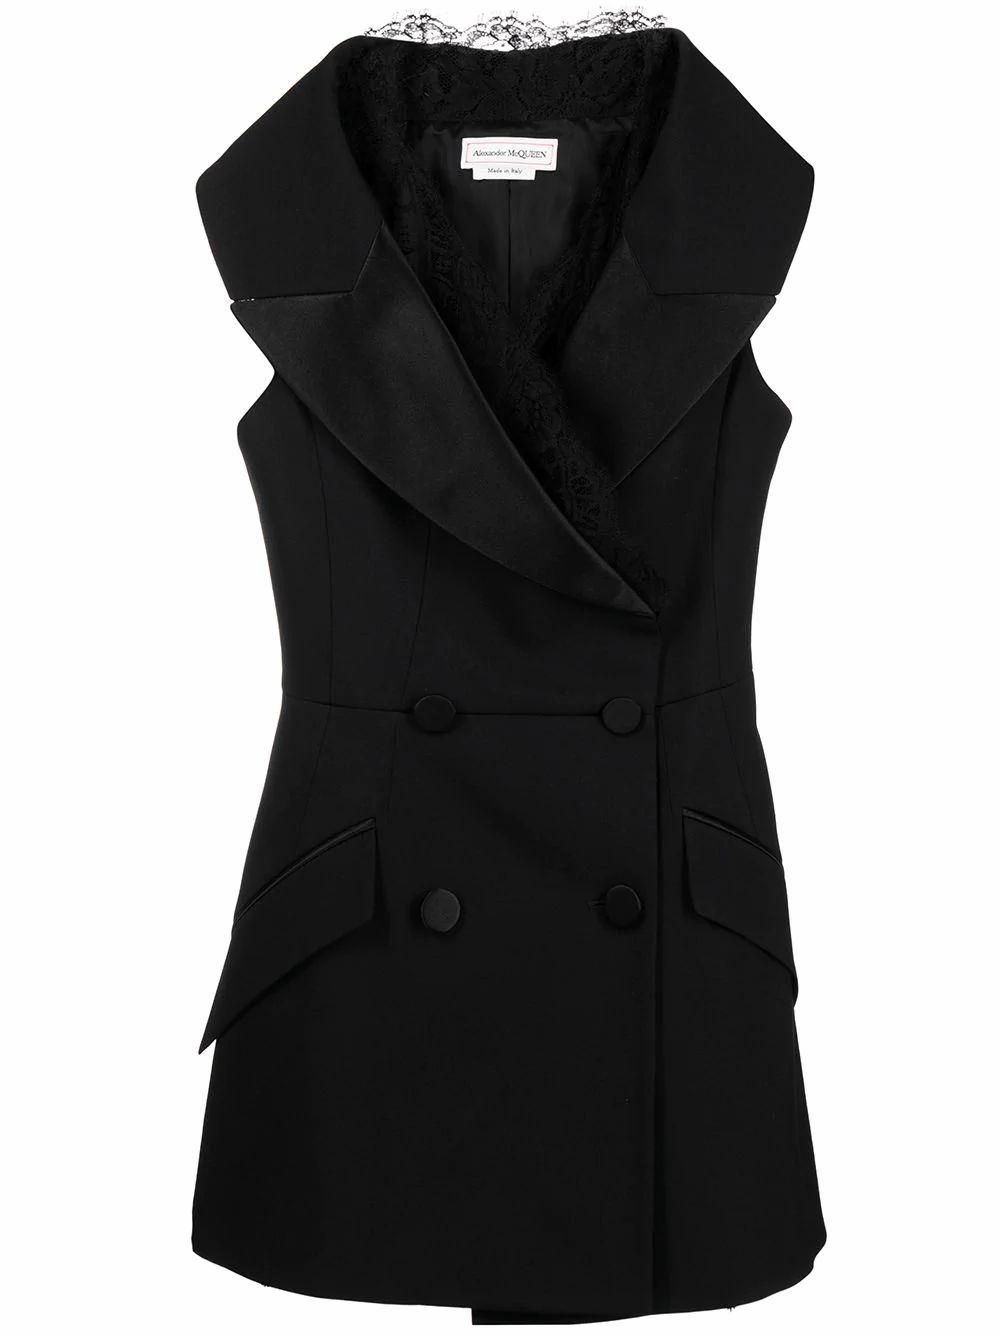 Alexander Mcqueen Wools ALEXANDER MCQUEEN WOMEN'S BLACK WOOL DRESS